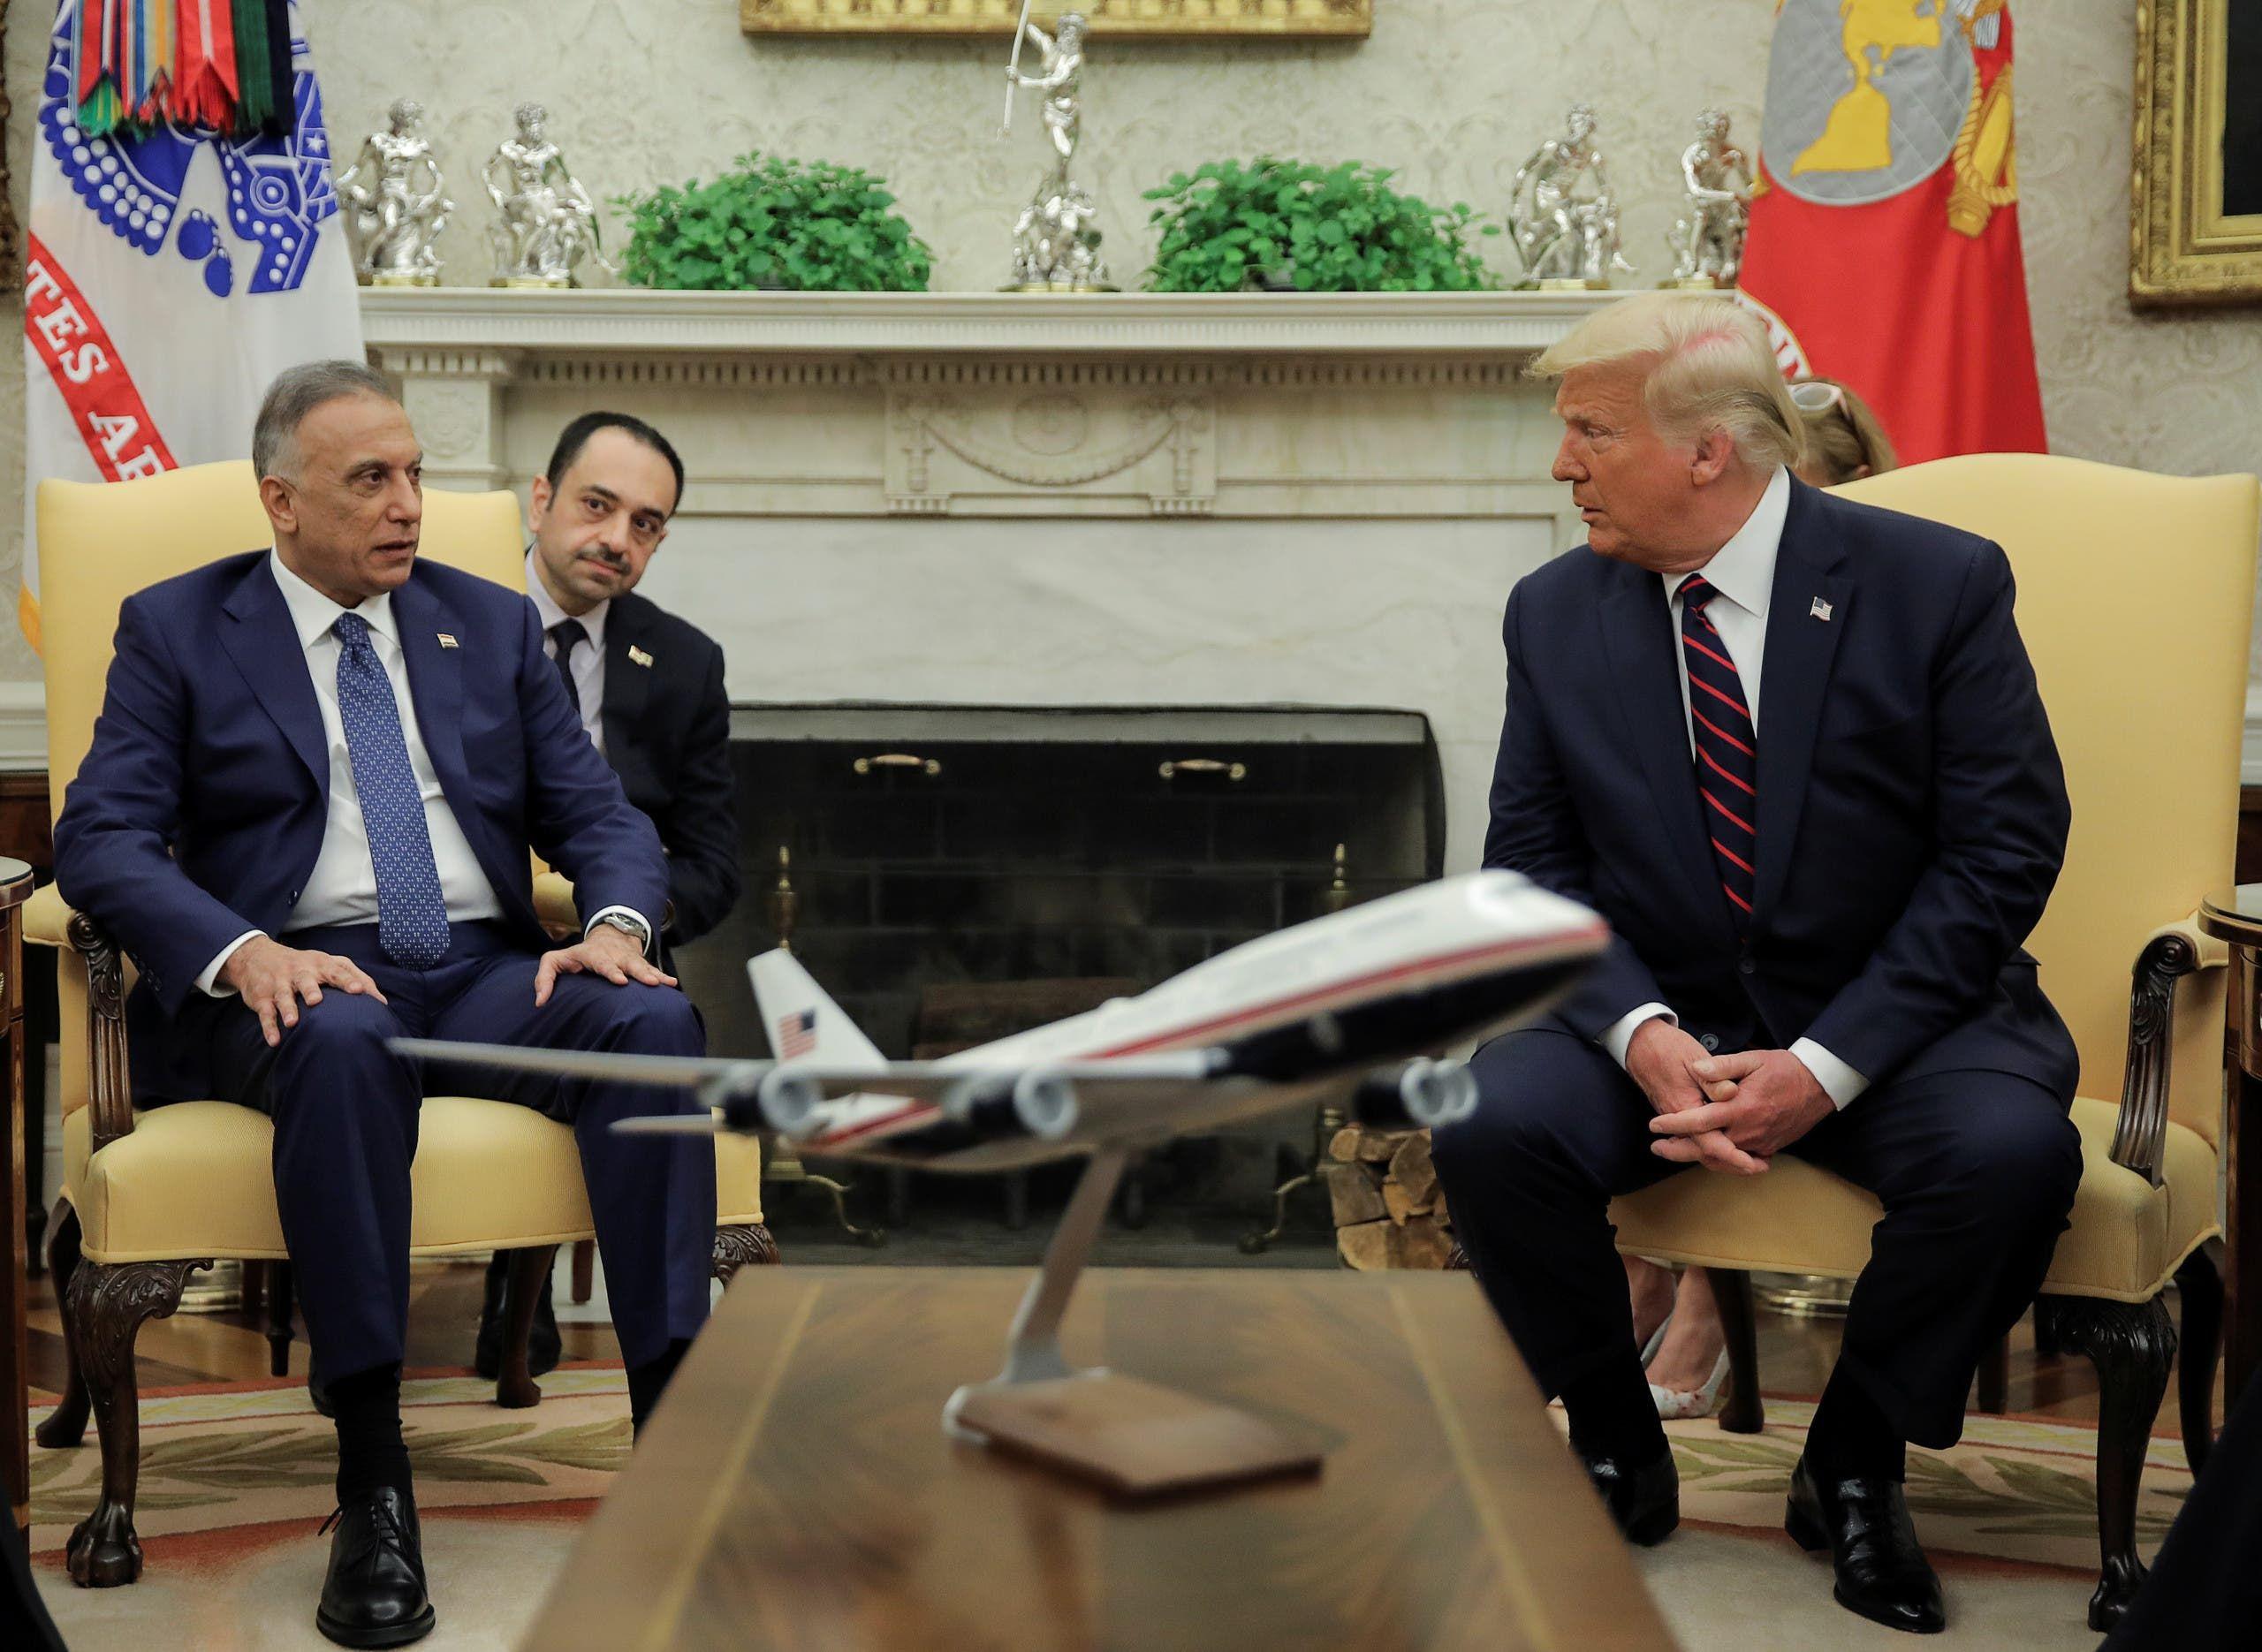 من لقاء ترمب والكاظمي في البيت الأبيض الخميس